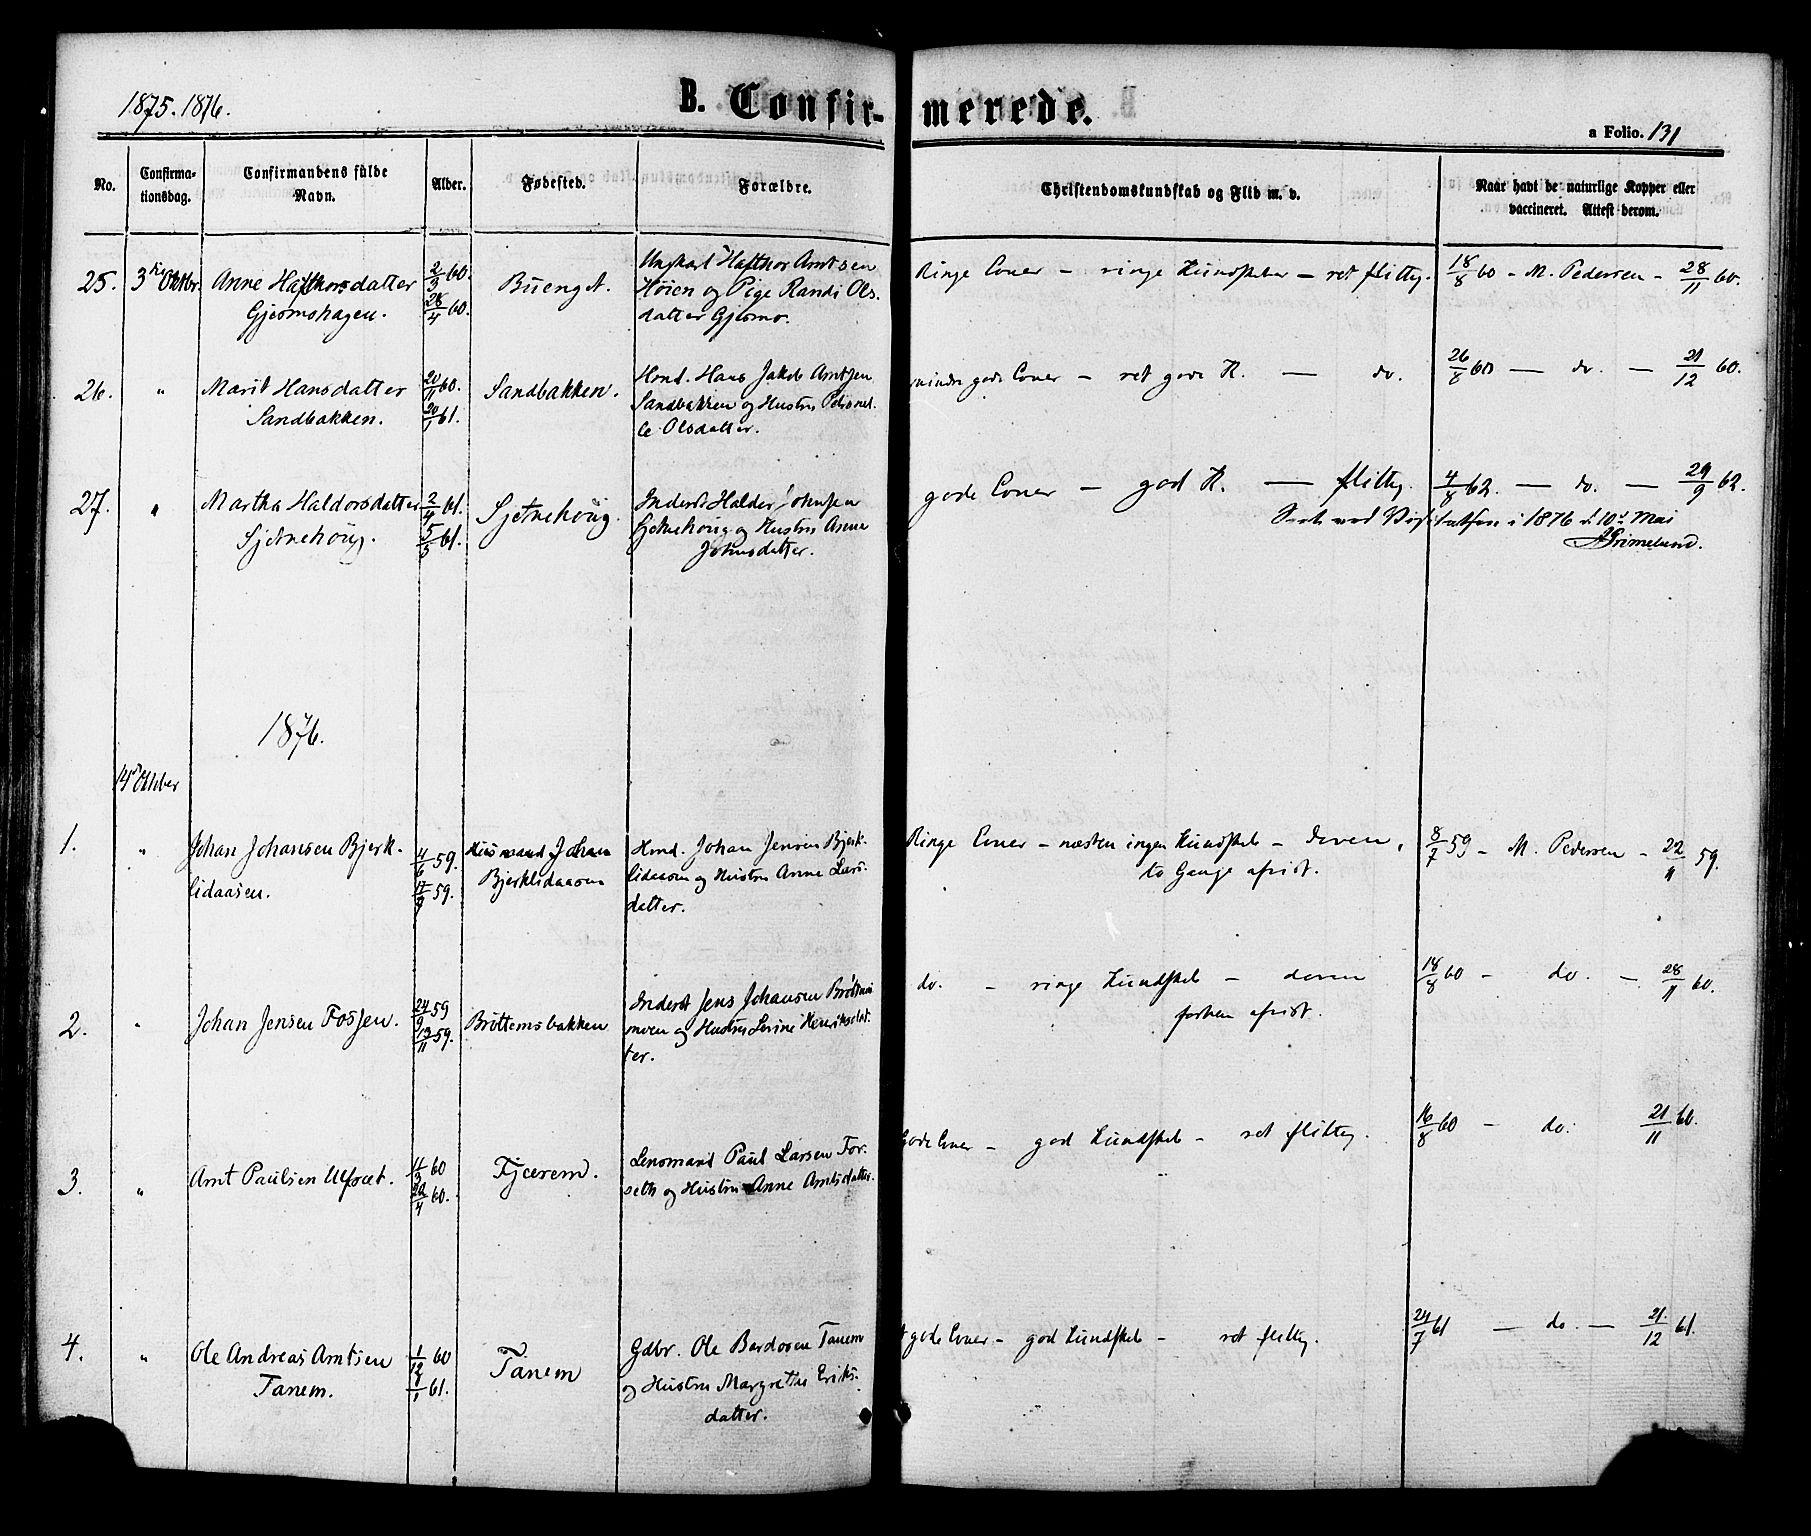 SAT, Ministerialprotokoller, klokkerbøker og fødselsregistre - Sør-Trøndelag, 618/L0442: Ministerialbok nr. 618A06 /1, 1863-1879, s. 131